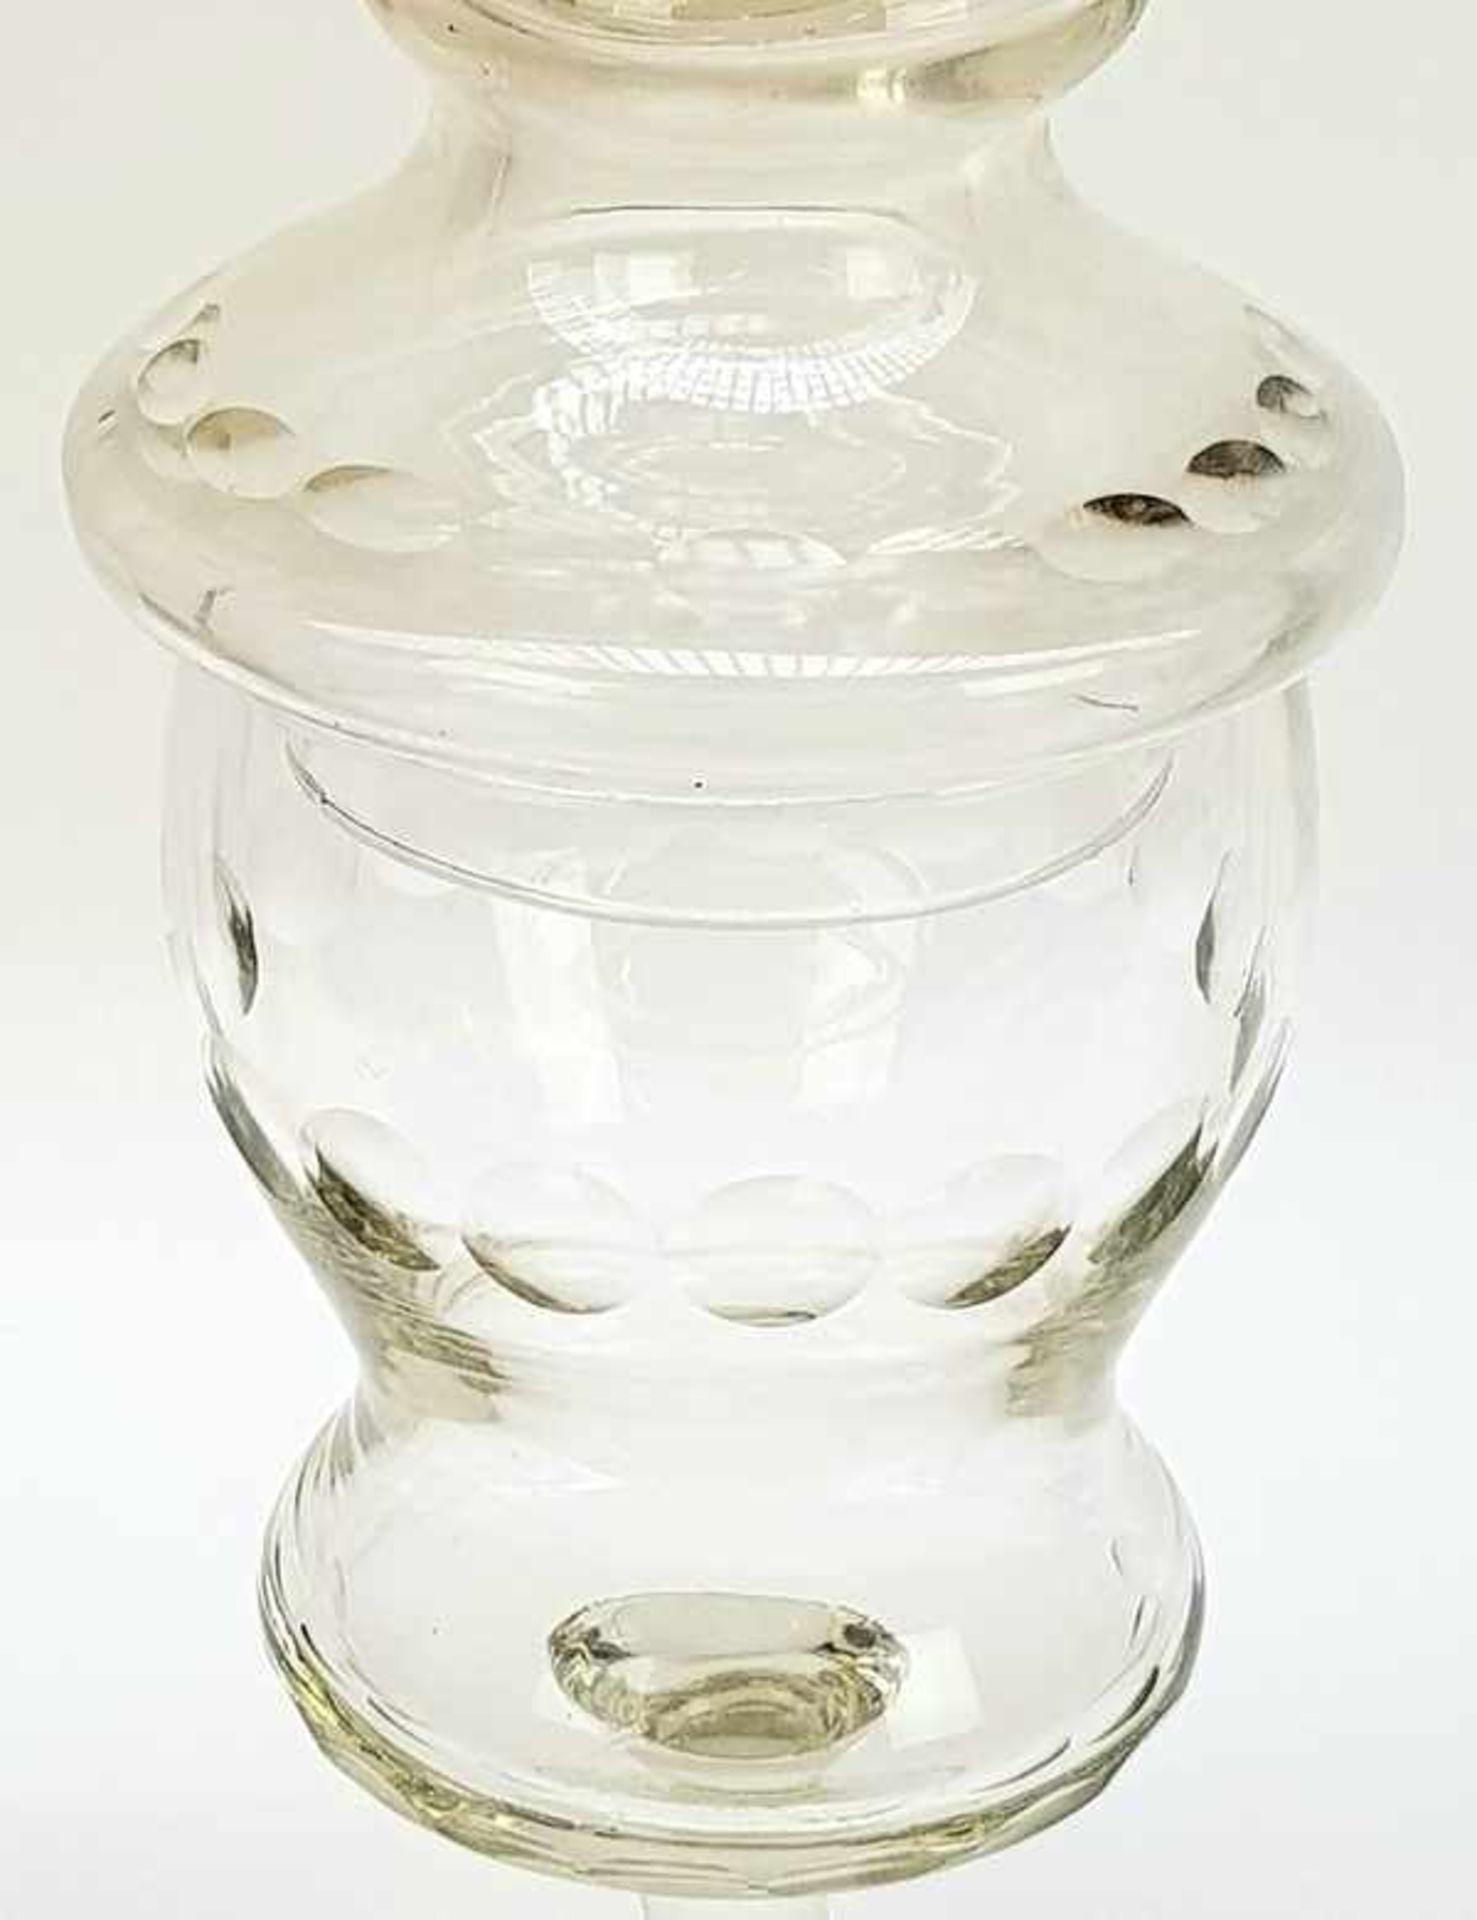 (Antiek) Glazen koekjespot en bowl schaal - Image 4 of 7